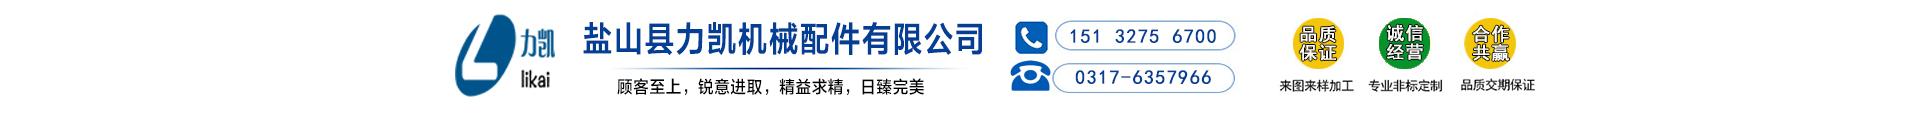 盐山县力凯机械配件有限公司